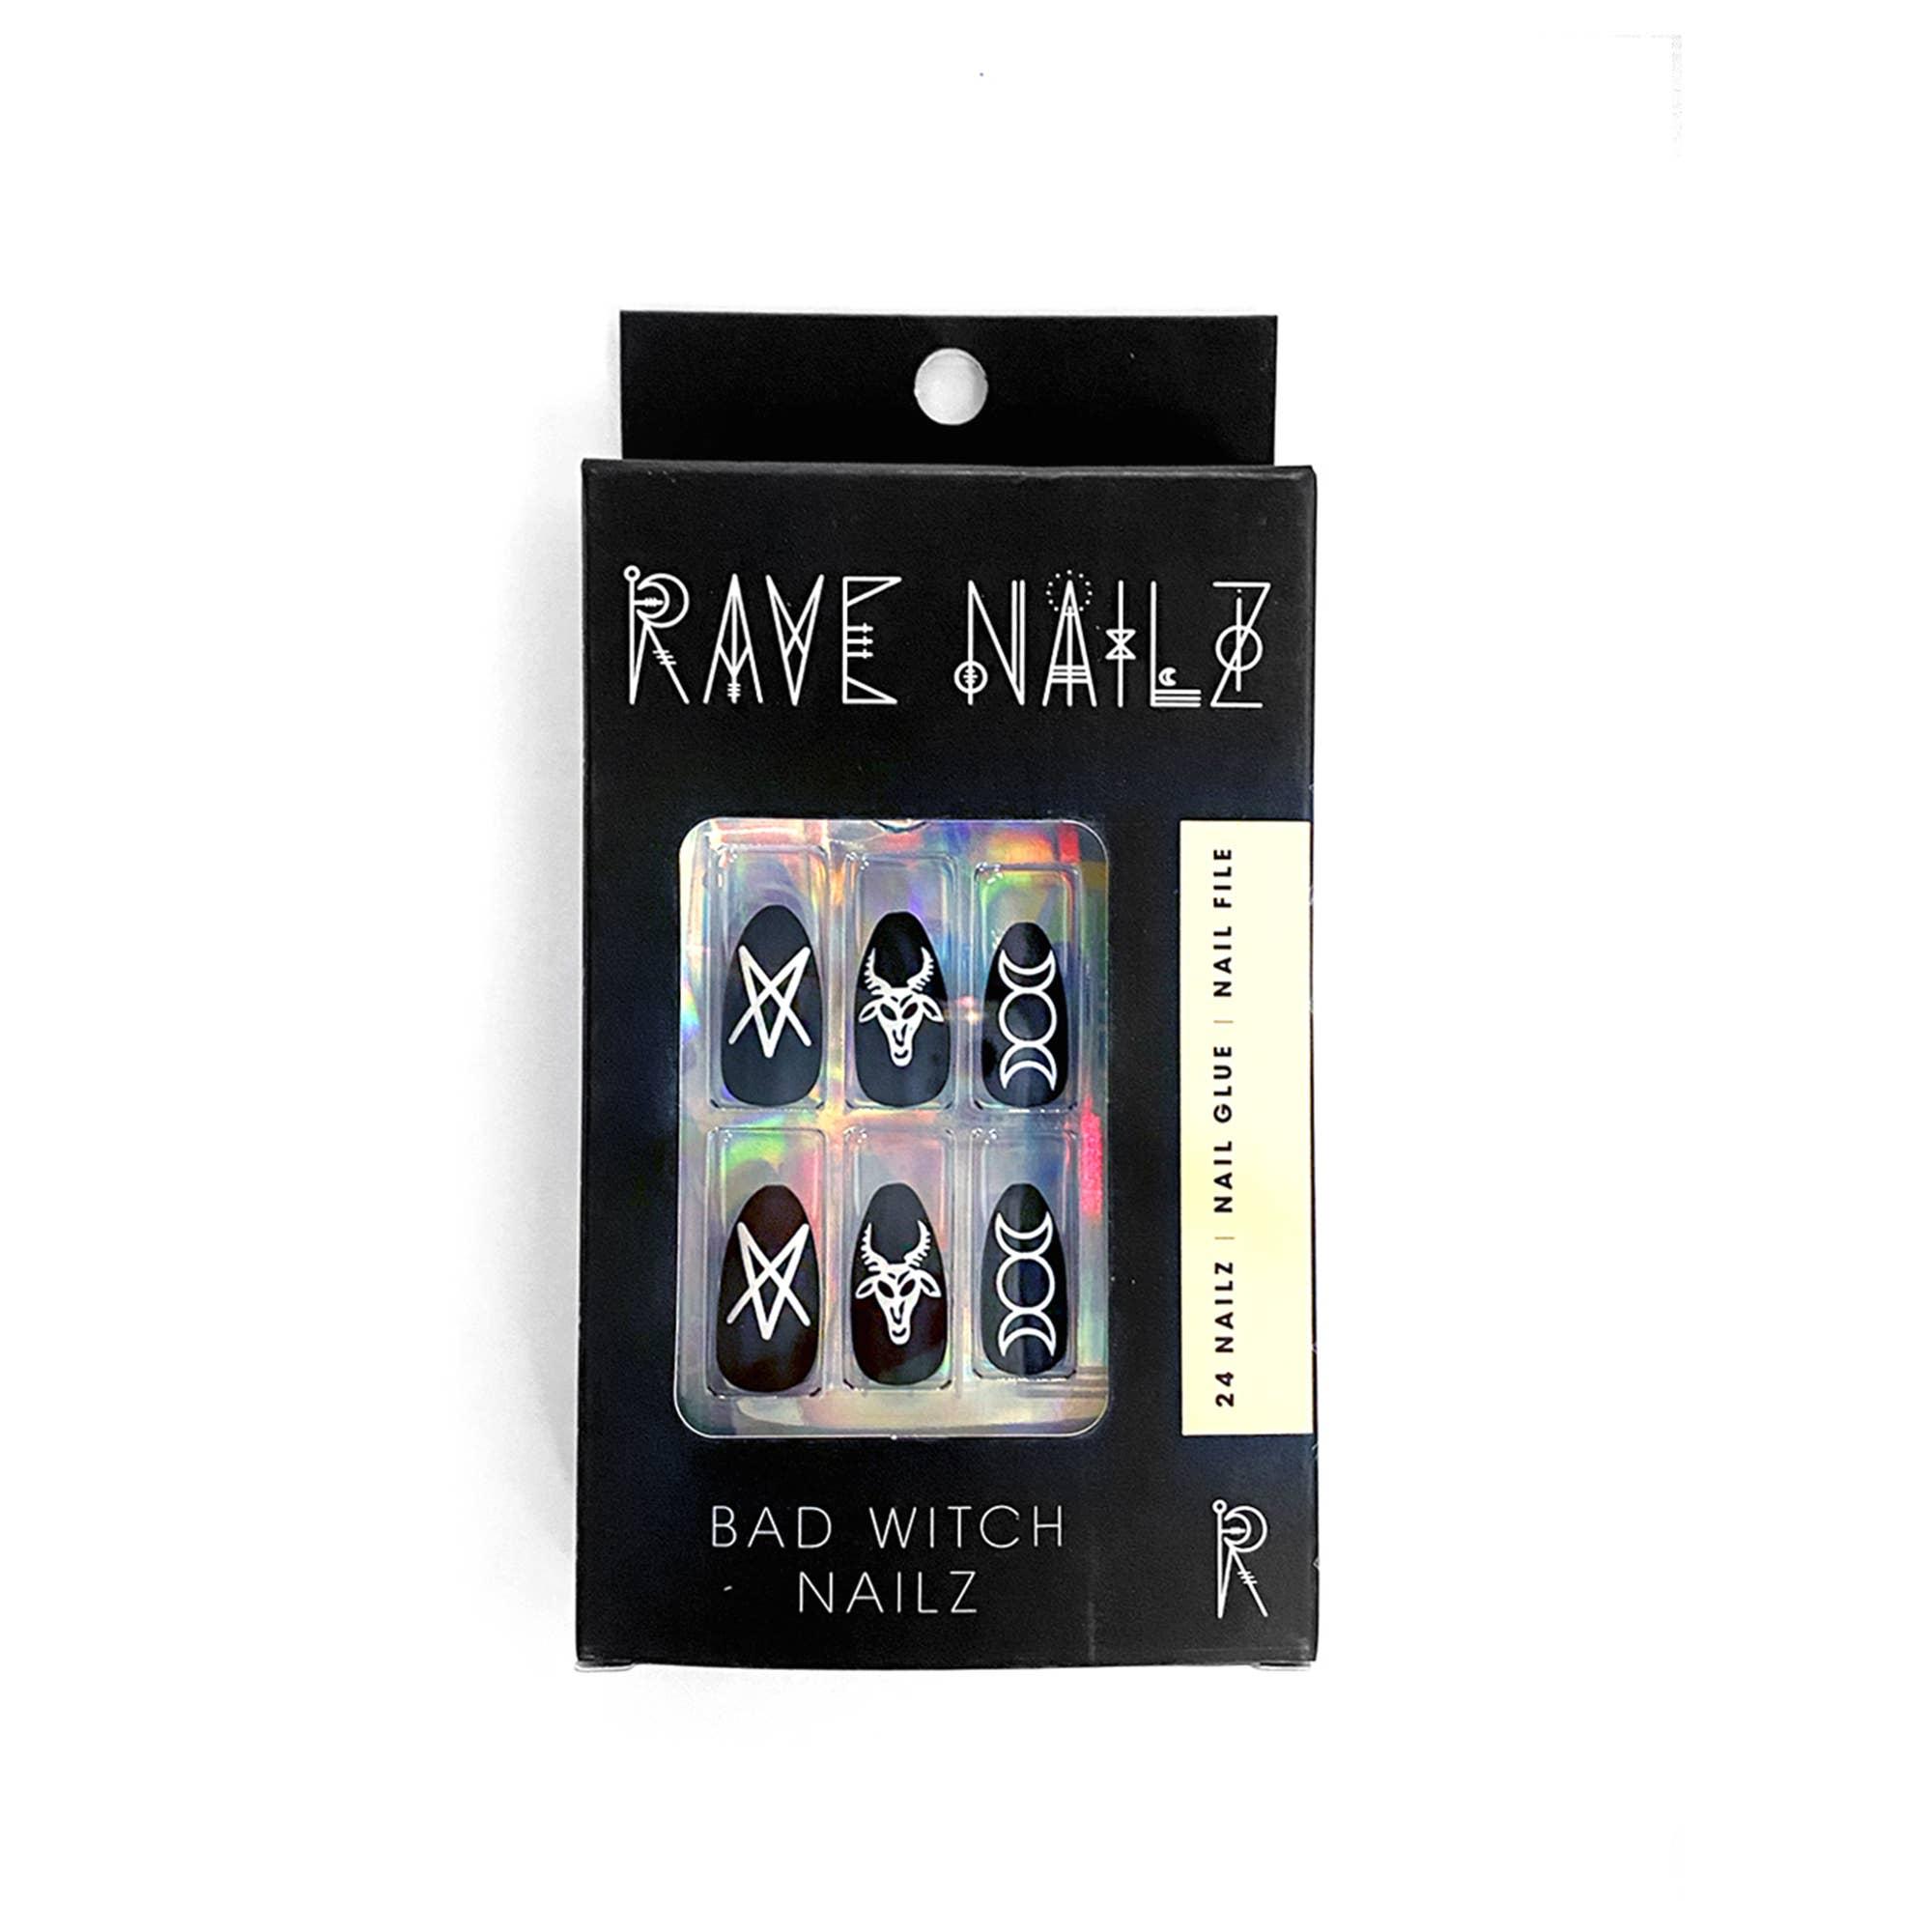 Bad Witch Nailz | Trada Marketplace